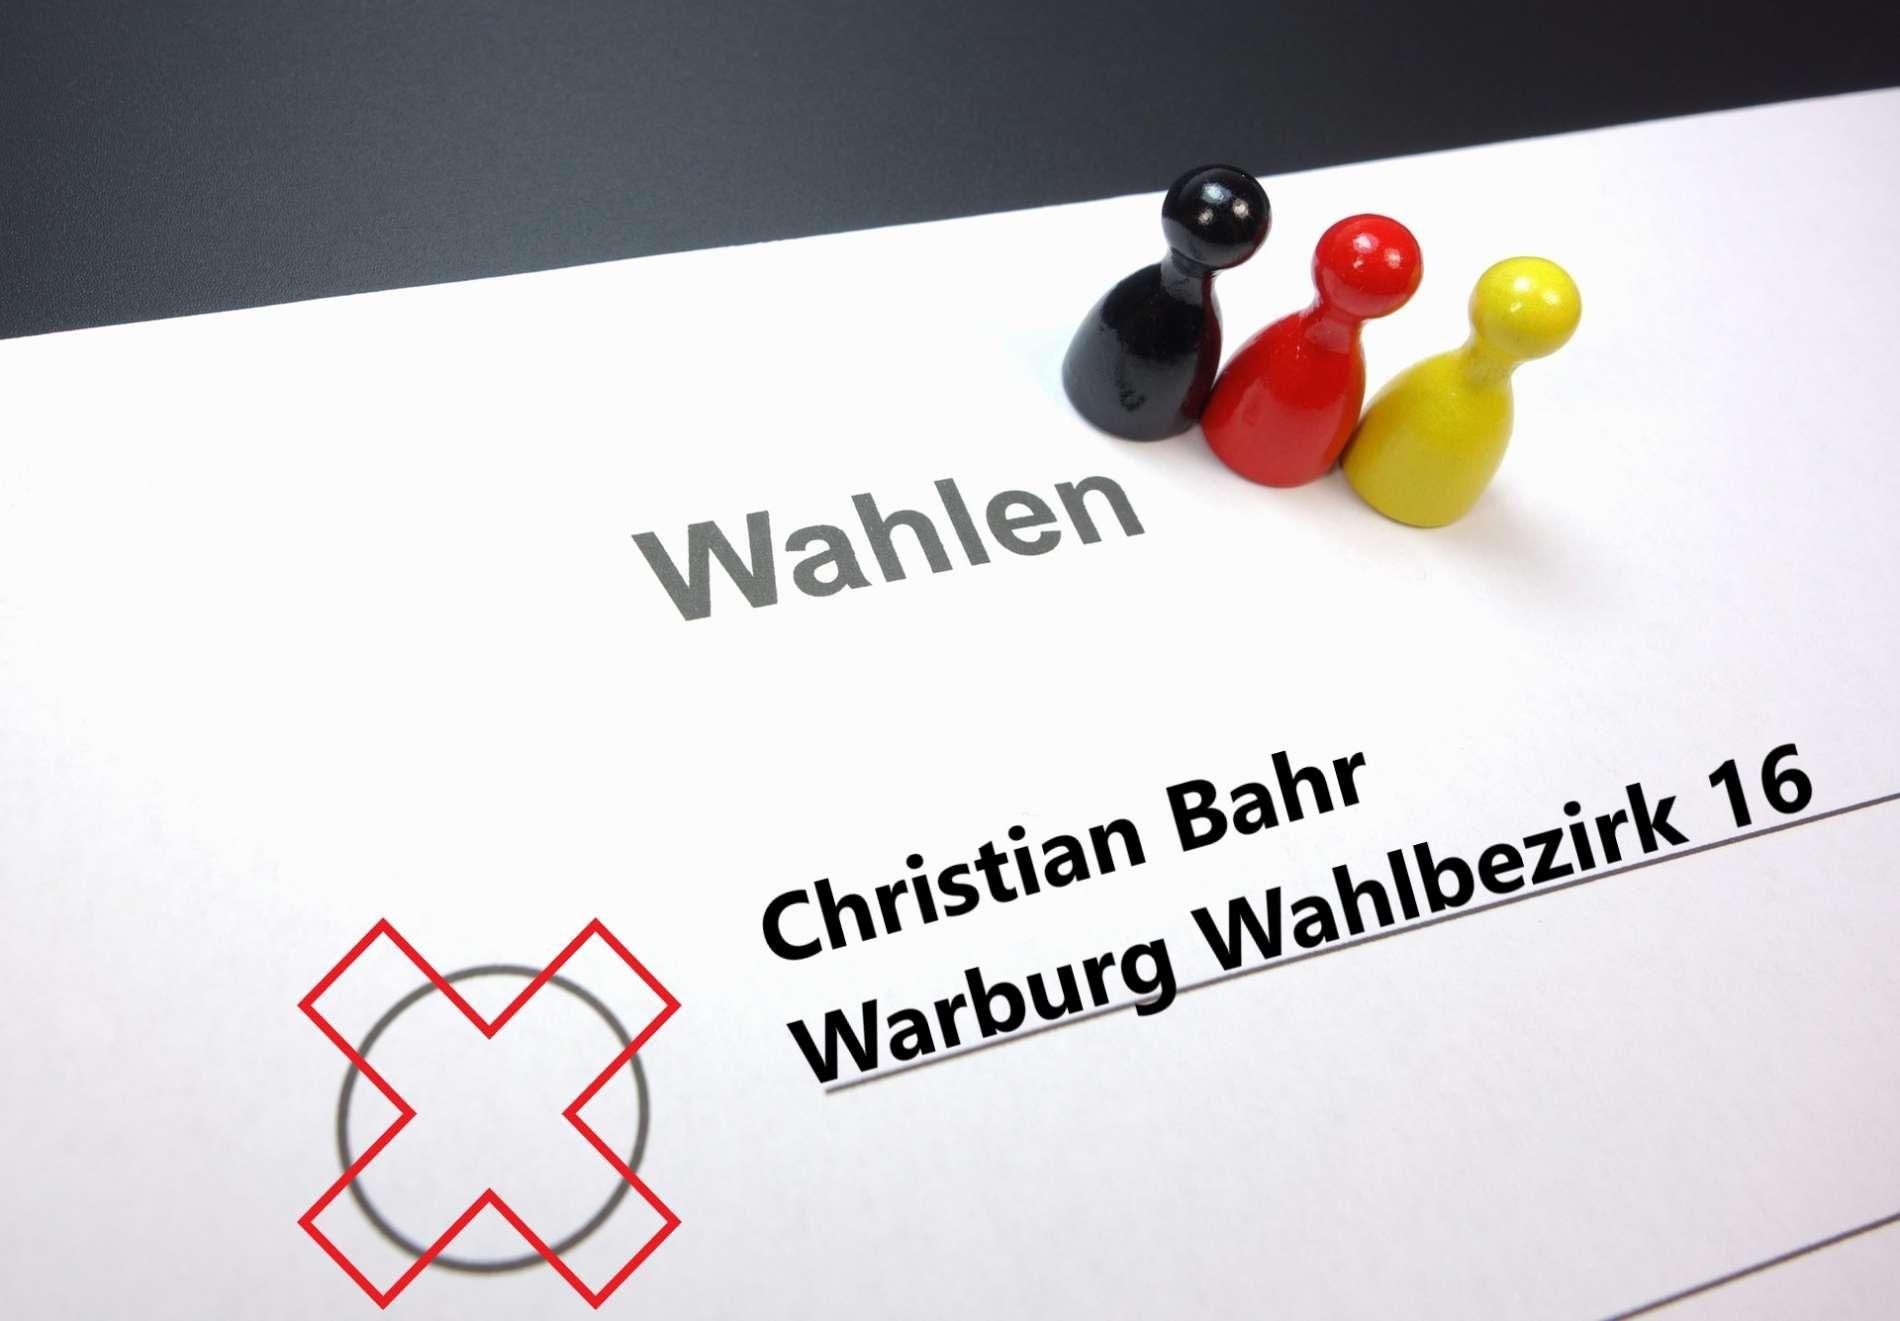 Christian Bahr für Warburg Wahlbezirk 16